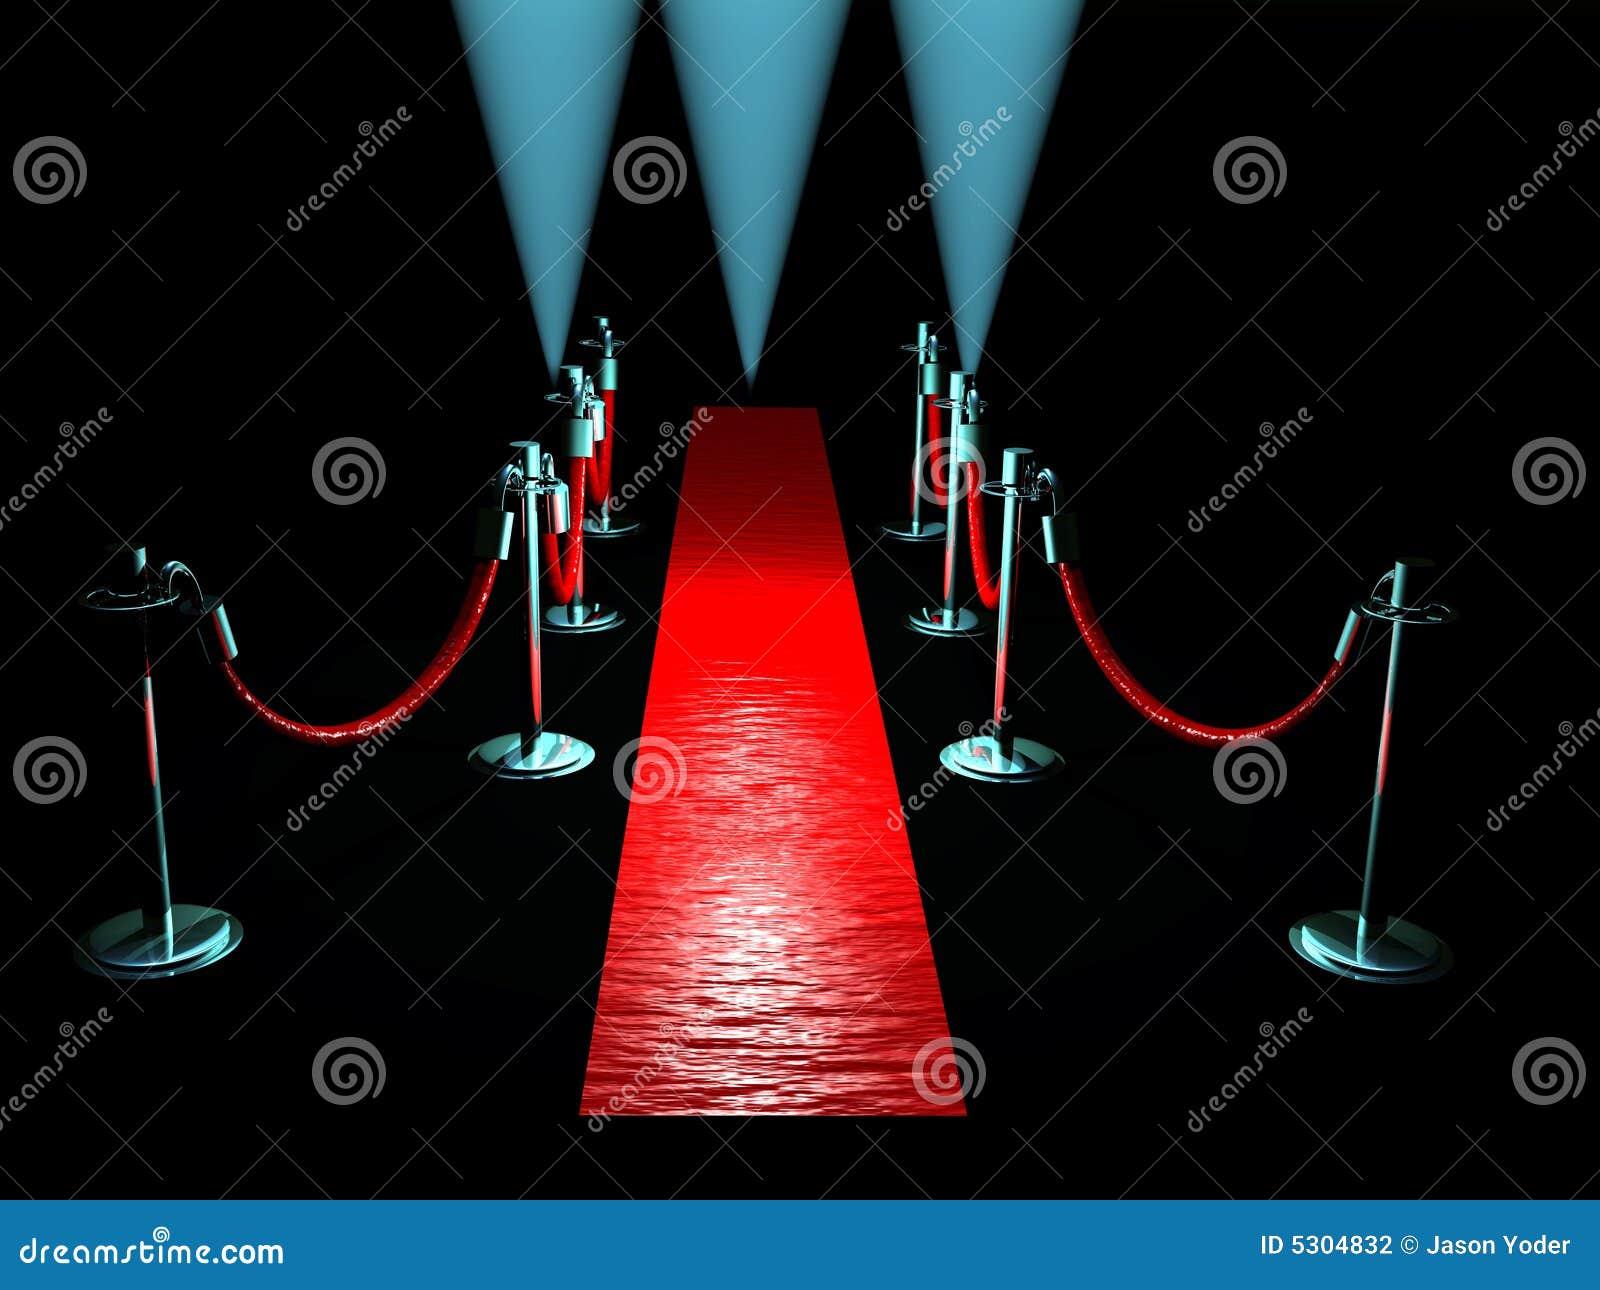 Download Tappeto rosso illustrazione di stock. Illustrazione di luci - 5304832